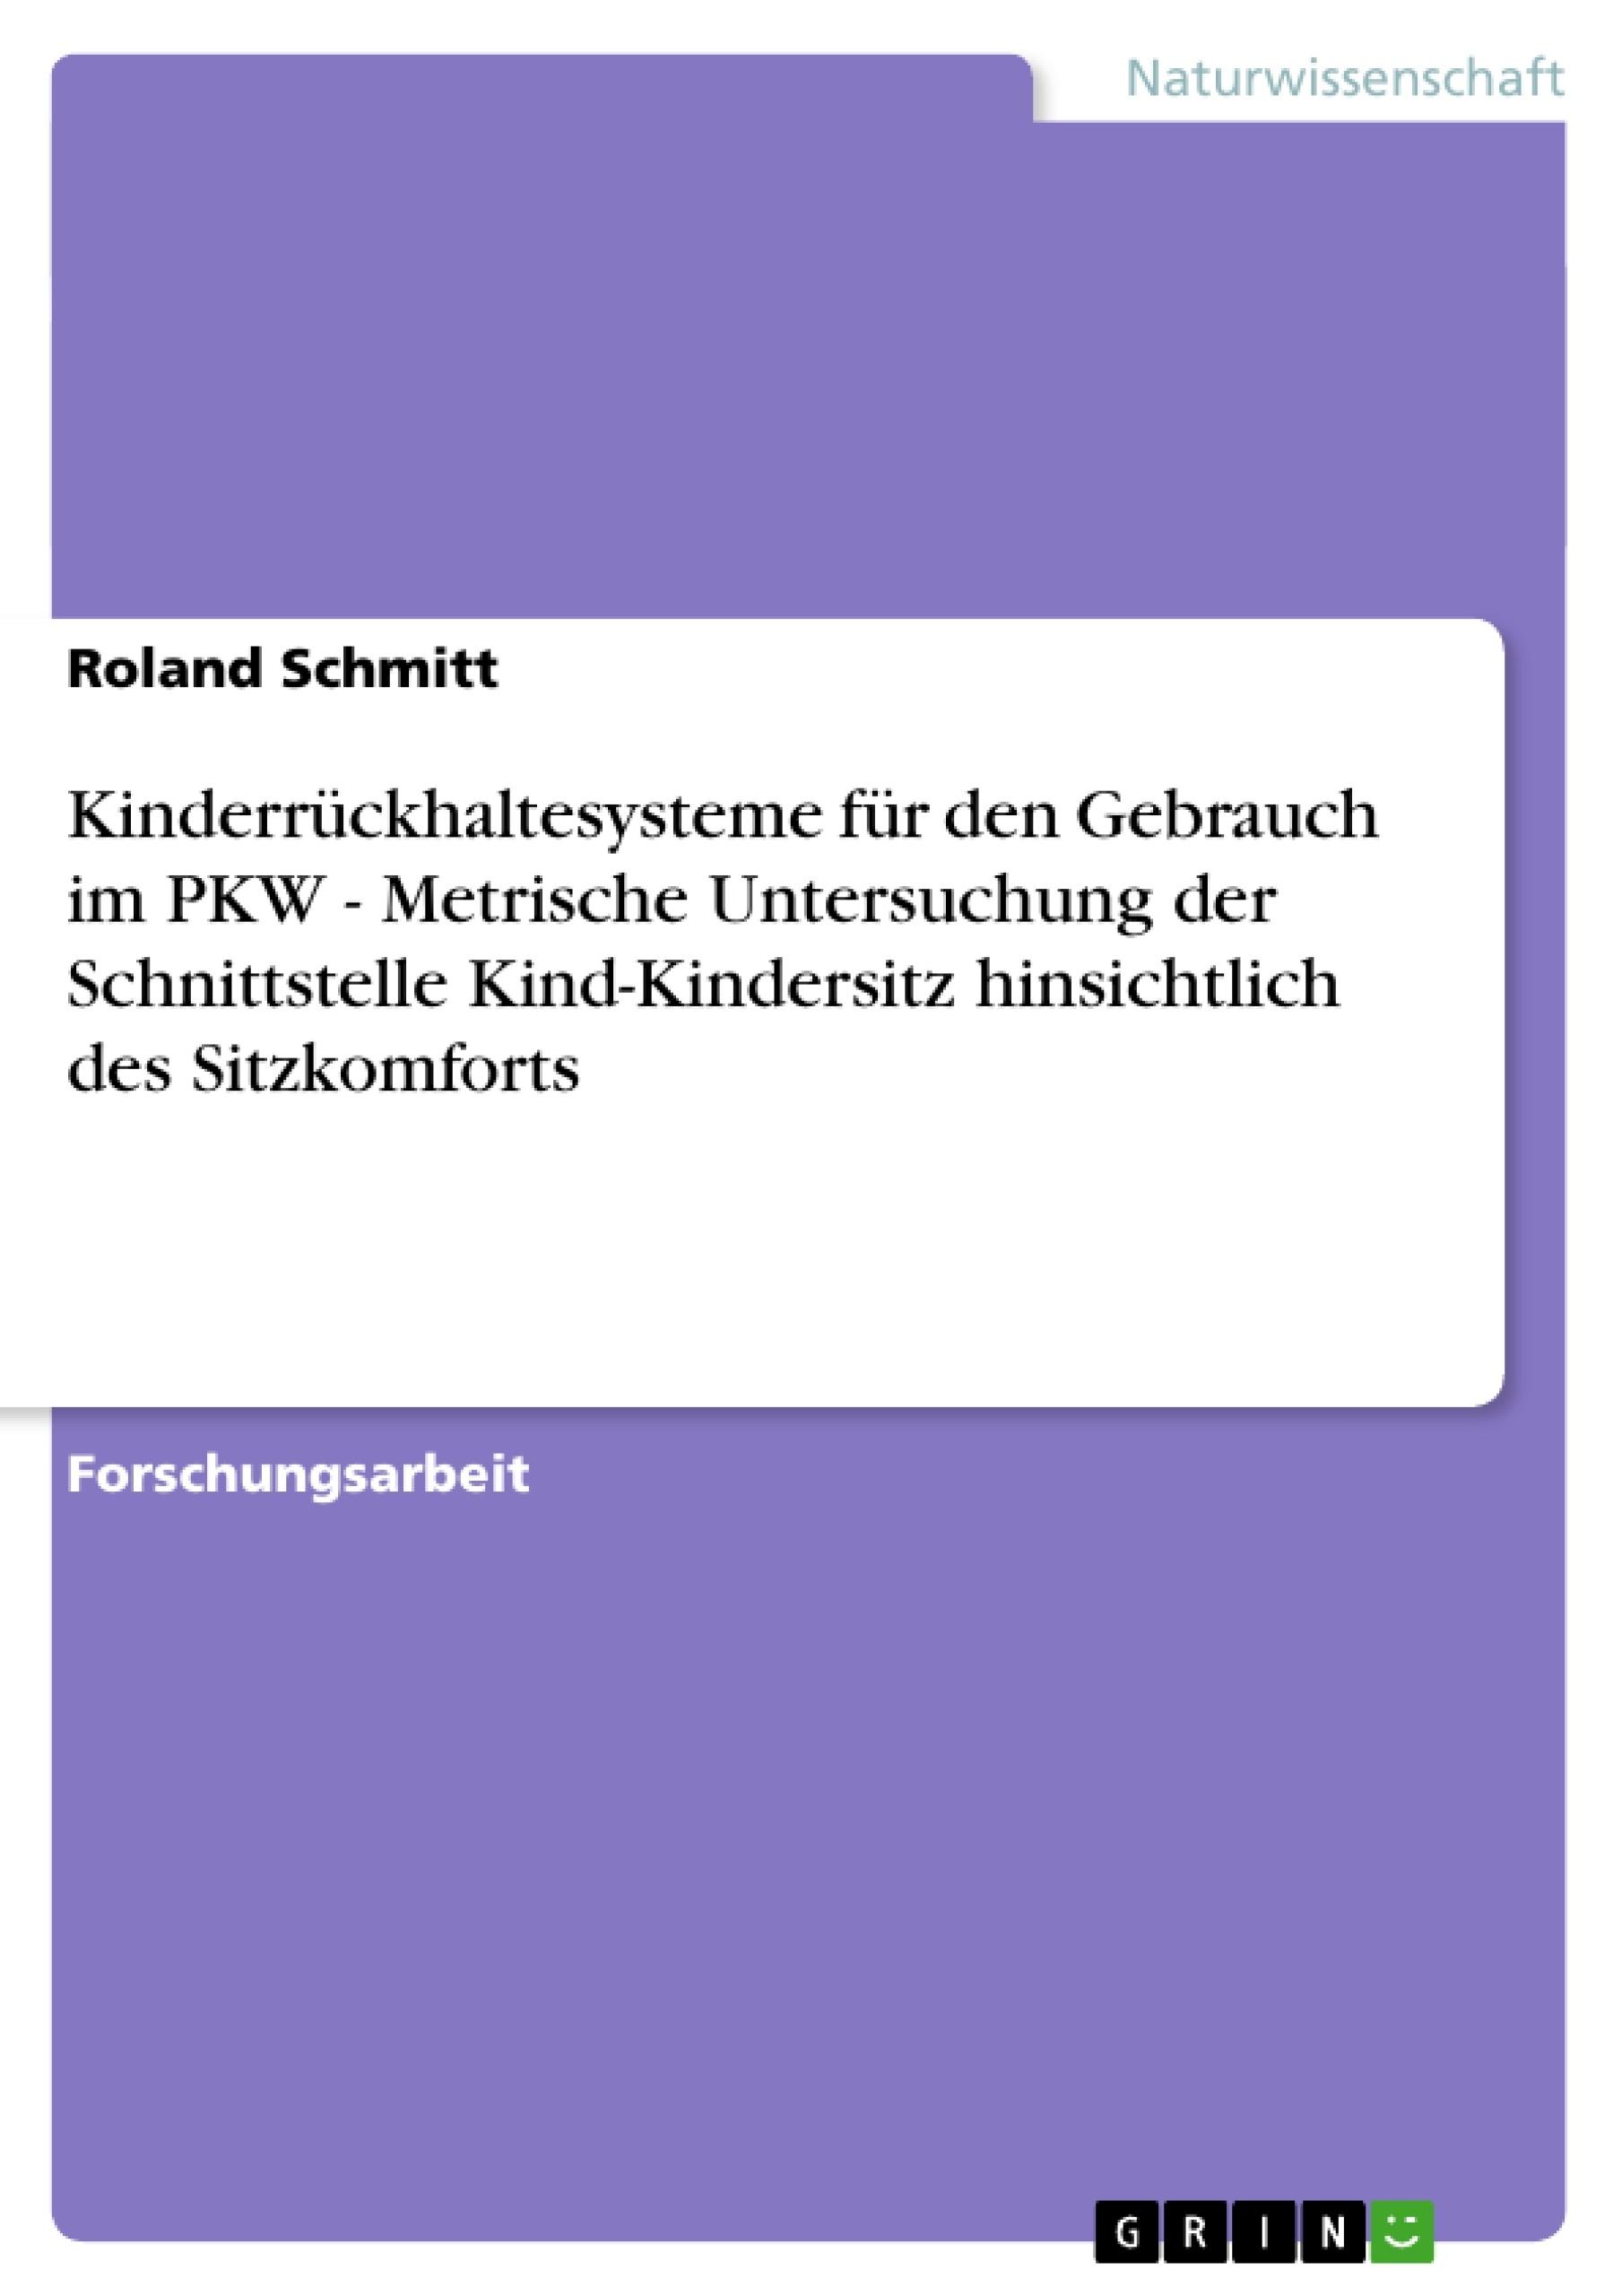 Titel: Kinderrückhaltesysteme für den Gebrauch im PKW - Metrische Untersuchung der Schnittstelle Kind-Kindersitz hinsichtlich des Sitzkomforts